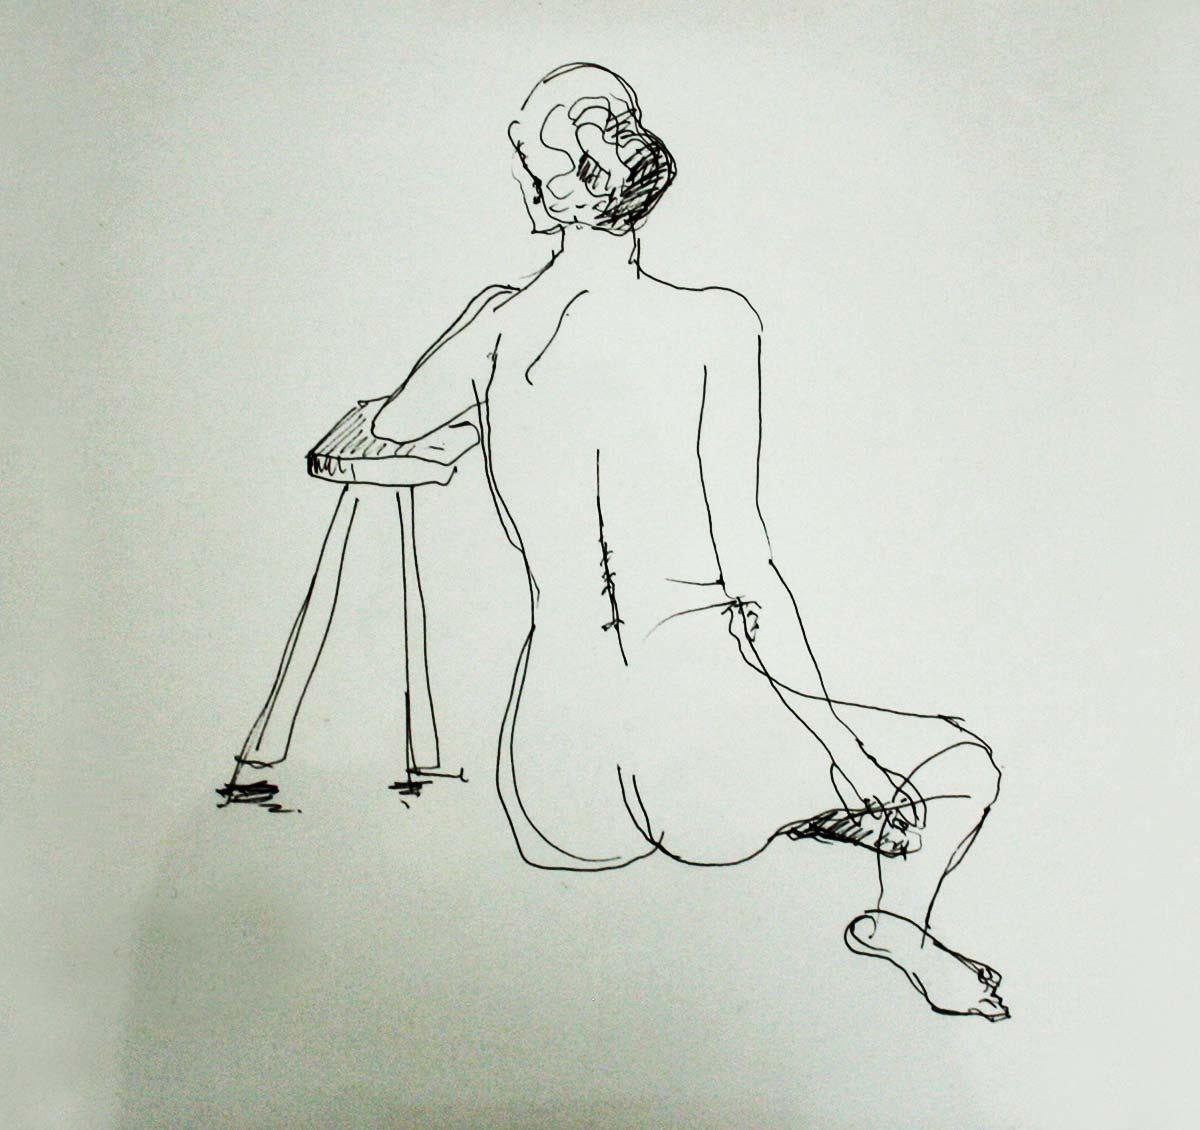 weiblicher Akt von hinten, Tinte